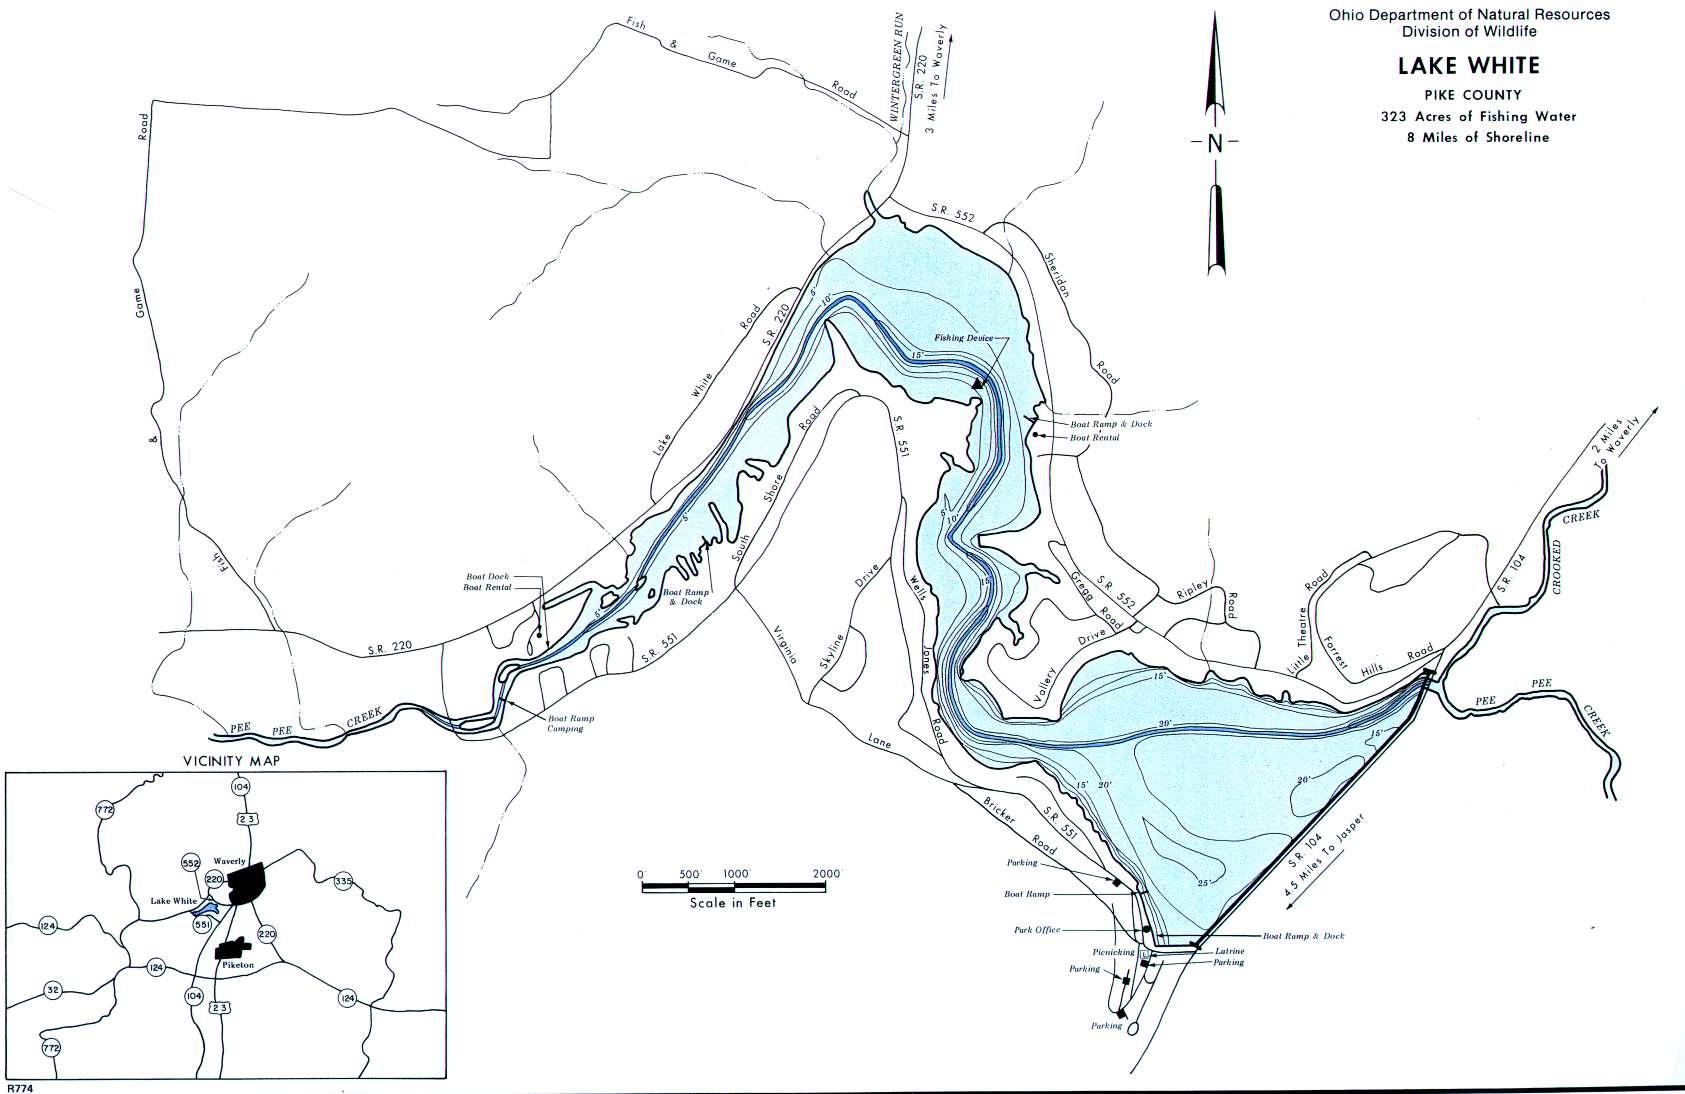 Lake White Fishing Map - GoFishOhio